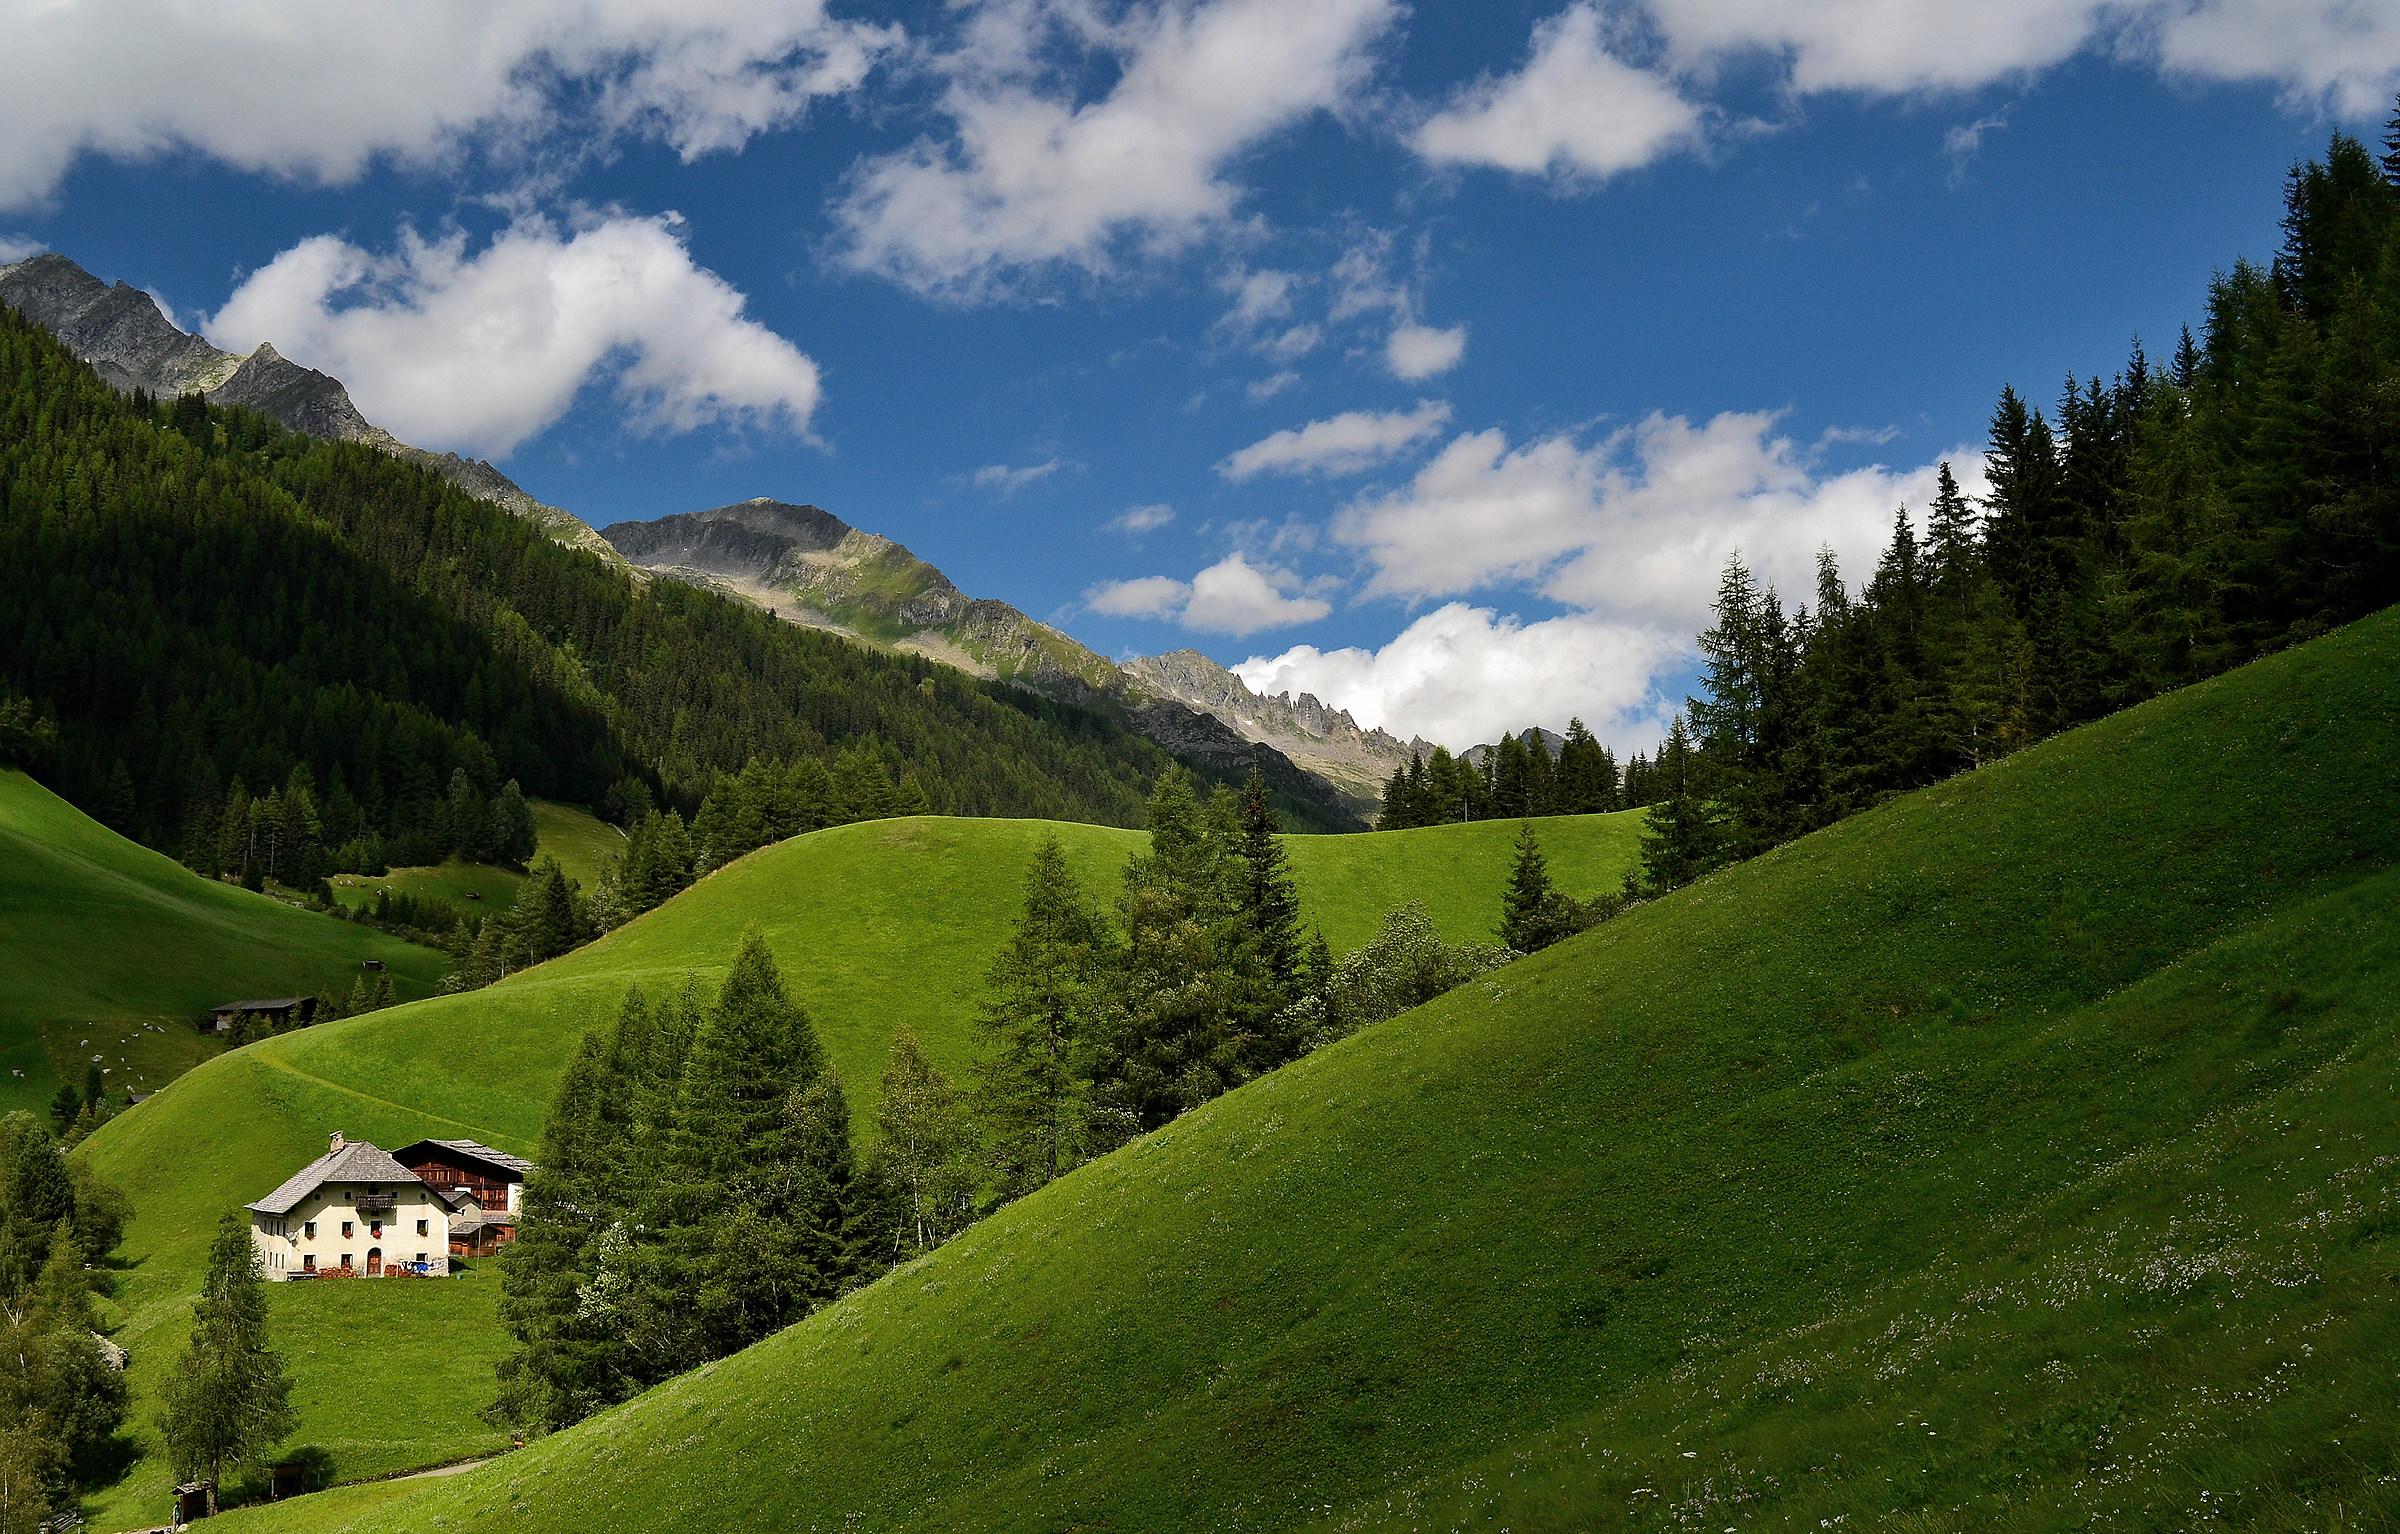 Casere Valley aurina...